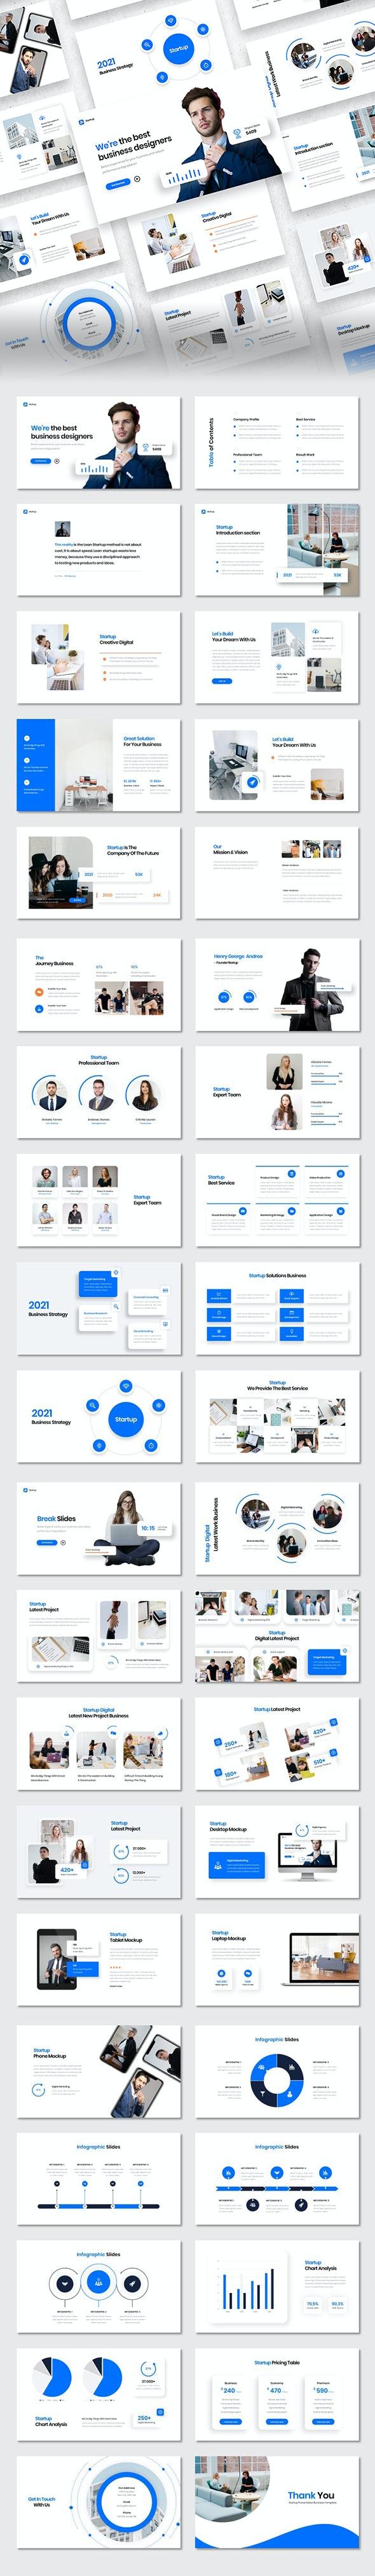 Startup Corporate - Pitch Desk Google Slides Template - Google Slides Presentation Templates